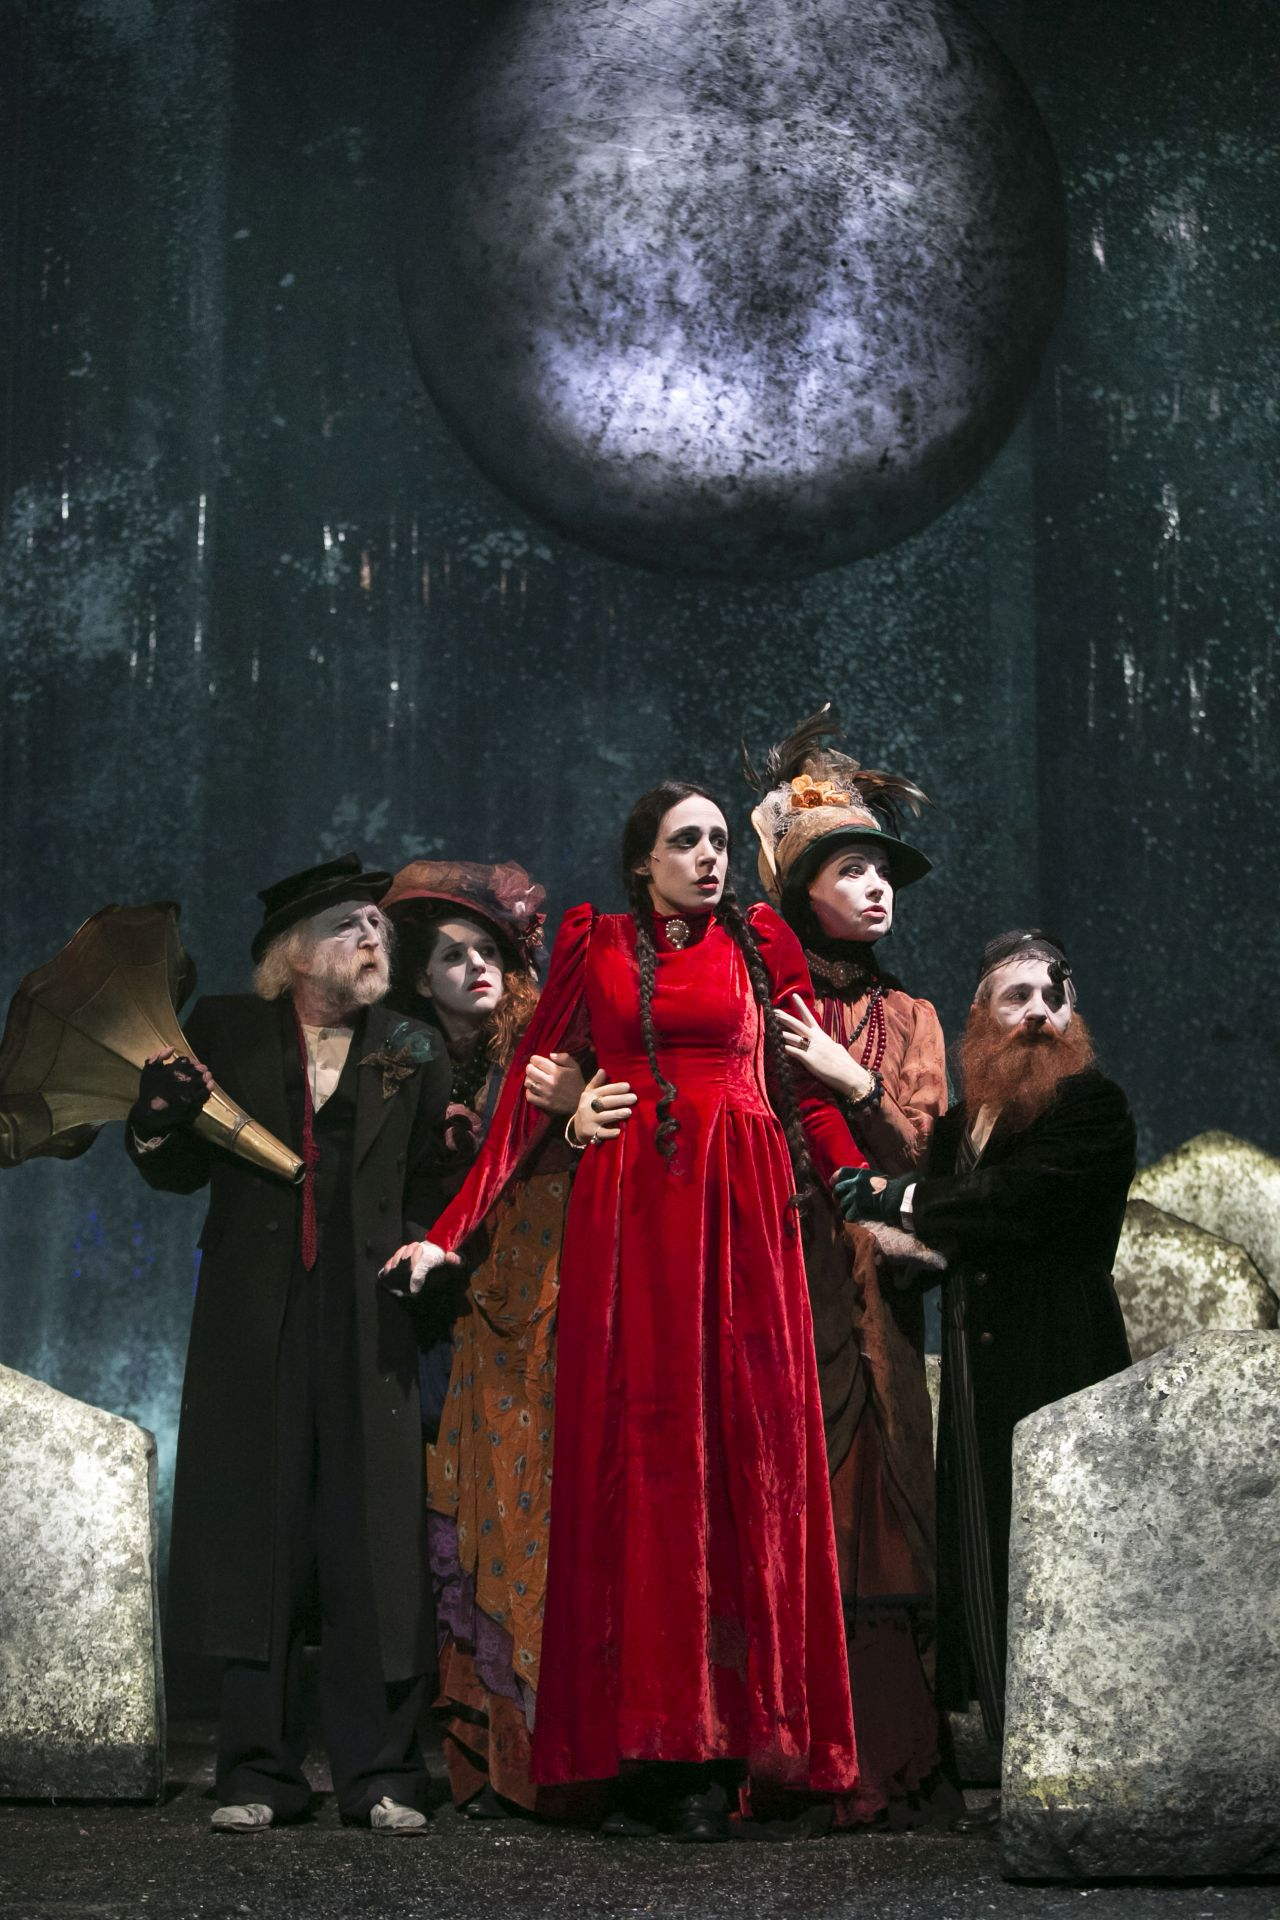 «Синема Гешер» – «коронный» проект театра Гешер возвращается!